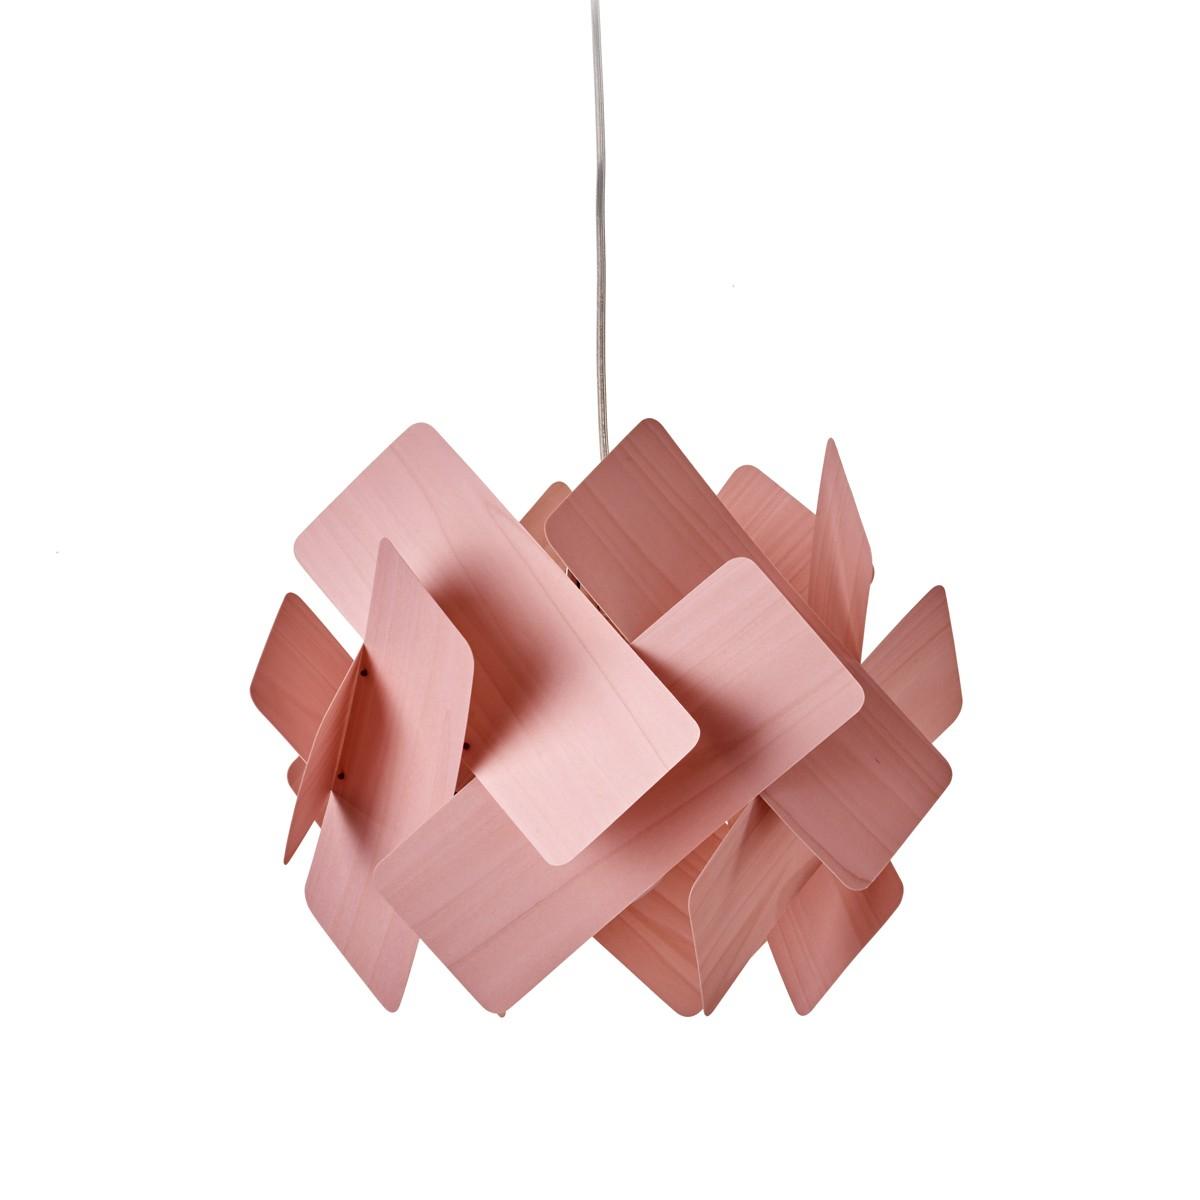 LZF Lamps Escape Small Pendelleuchte, pink